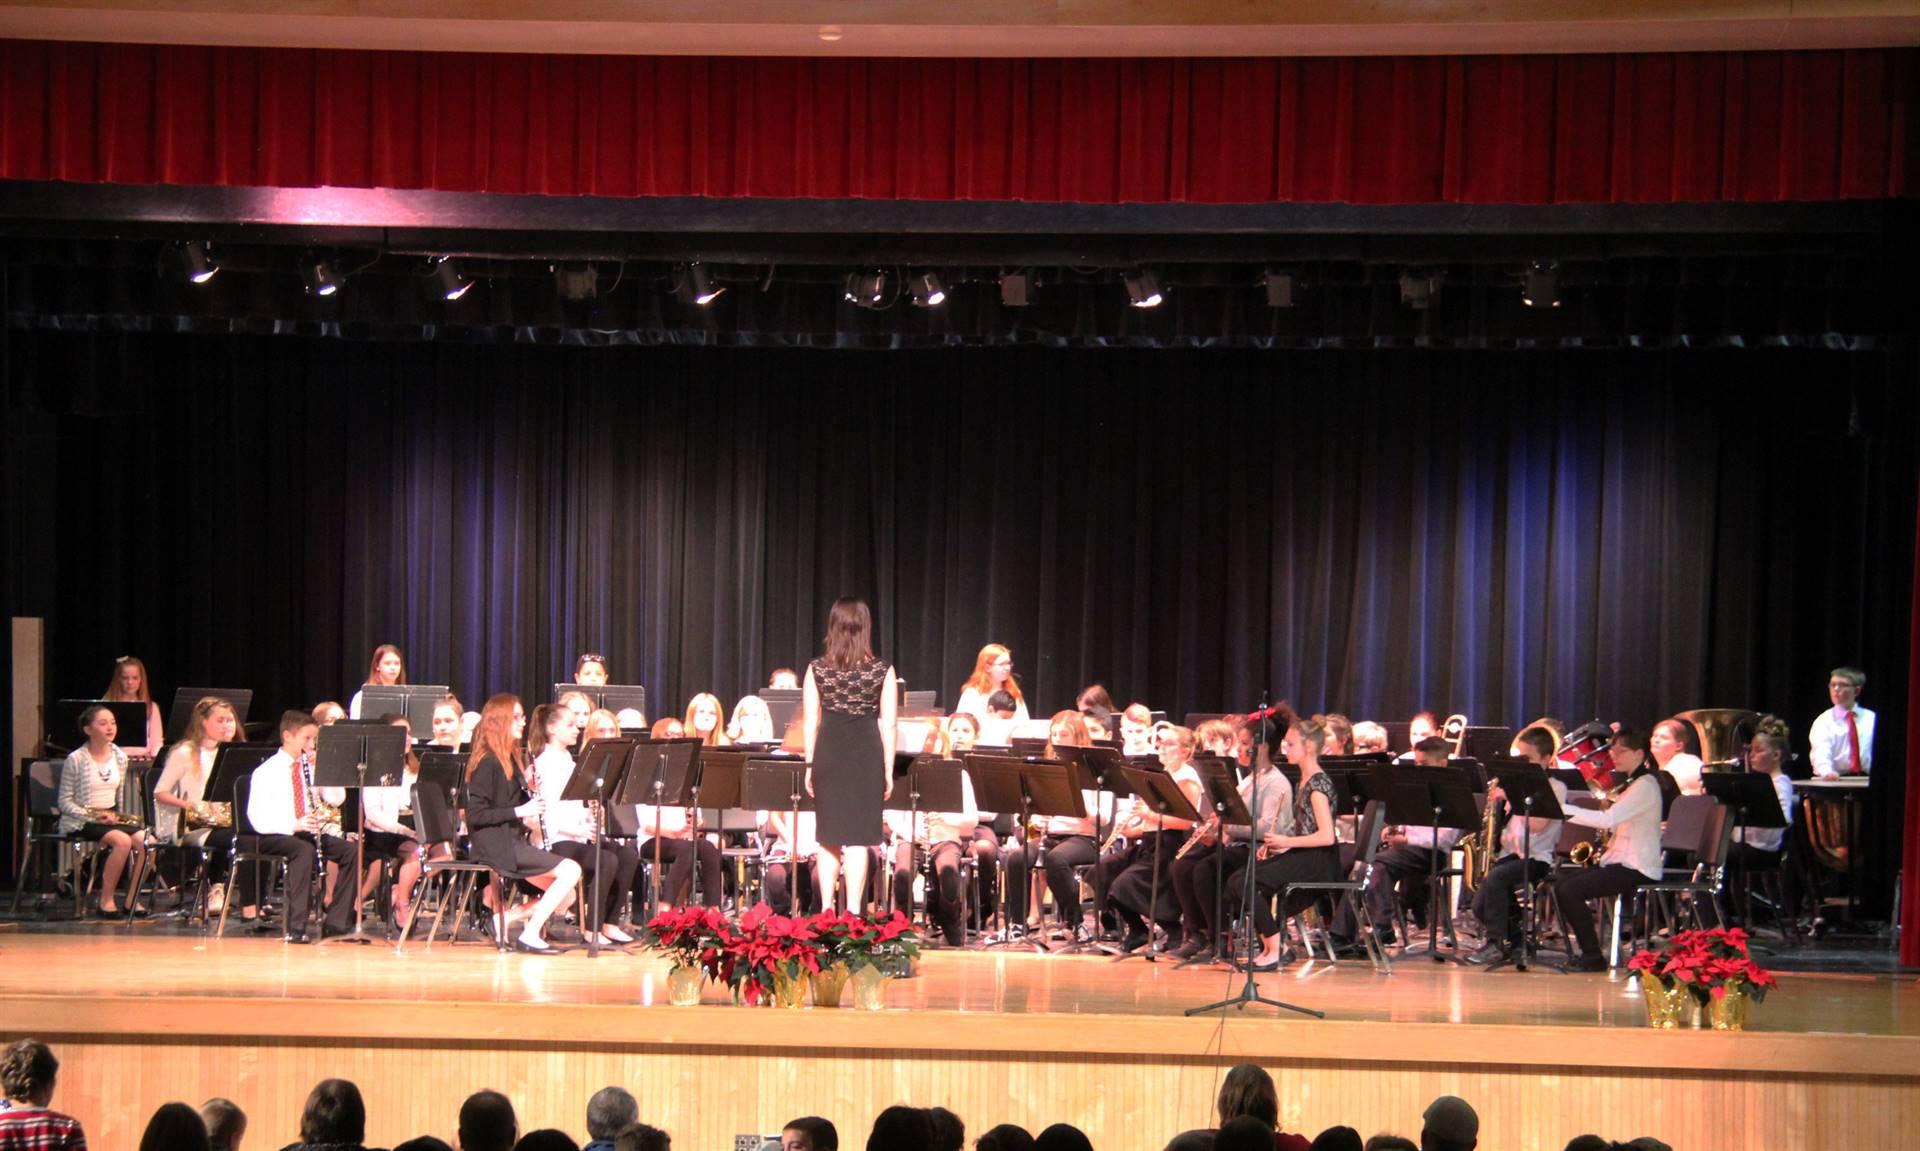 sixth grade band performing